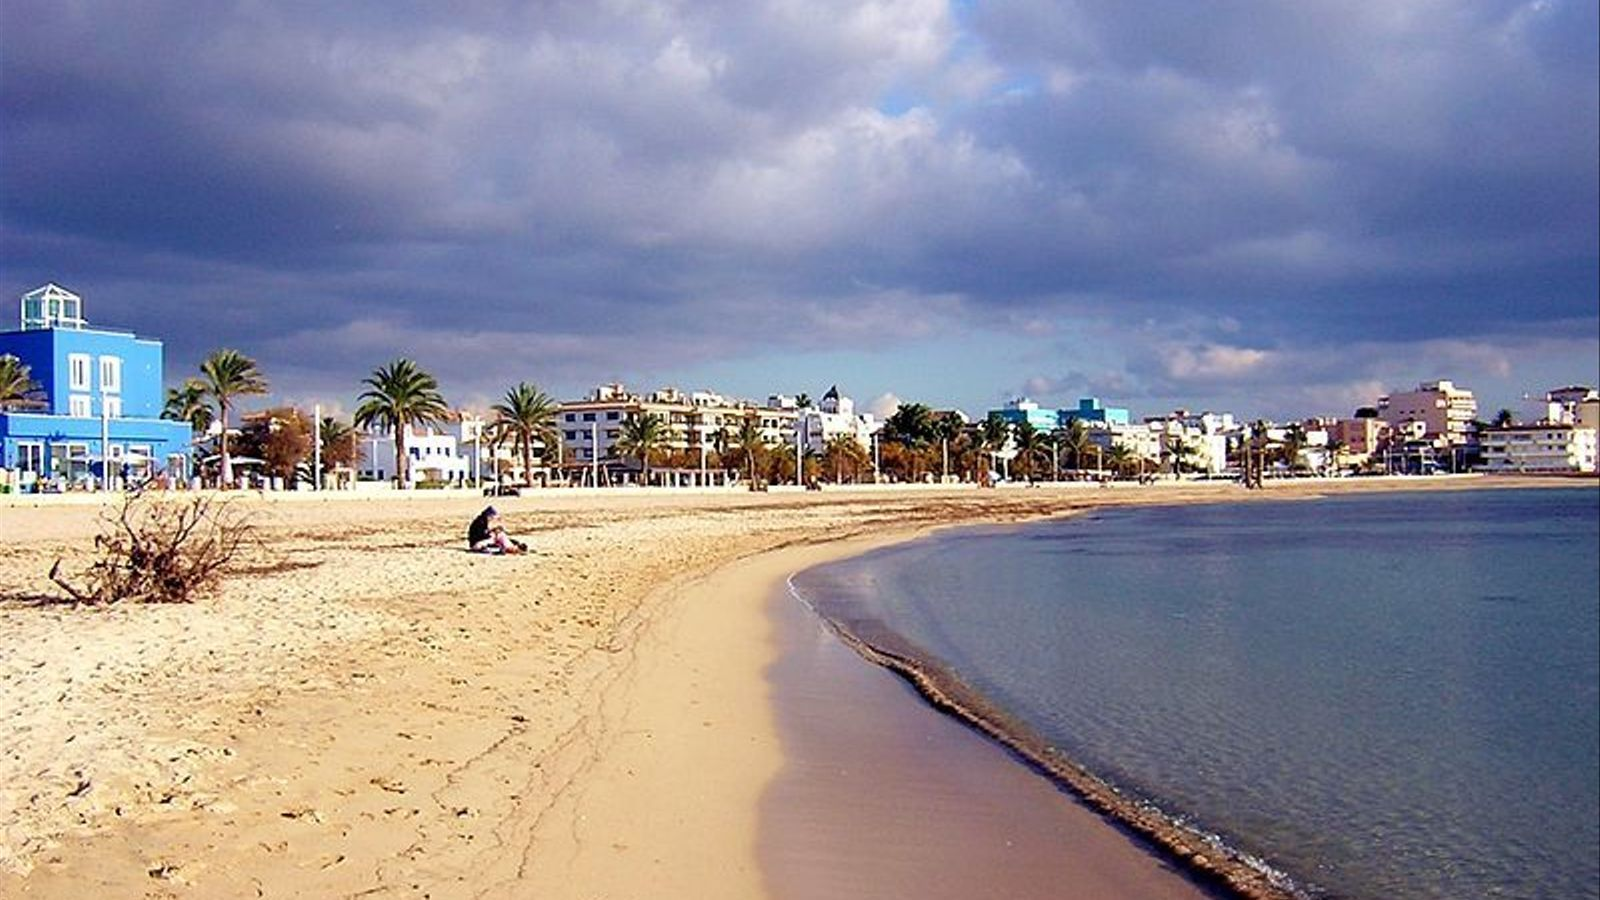 Hi va haver 273 vessaments a la badia Palma la passada legislatura